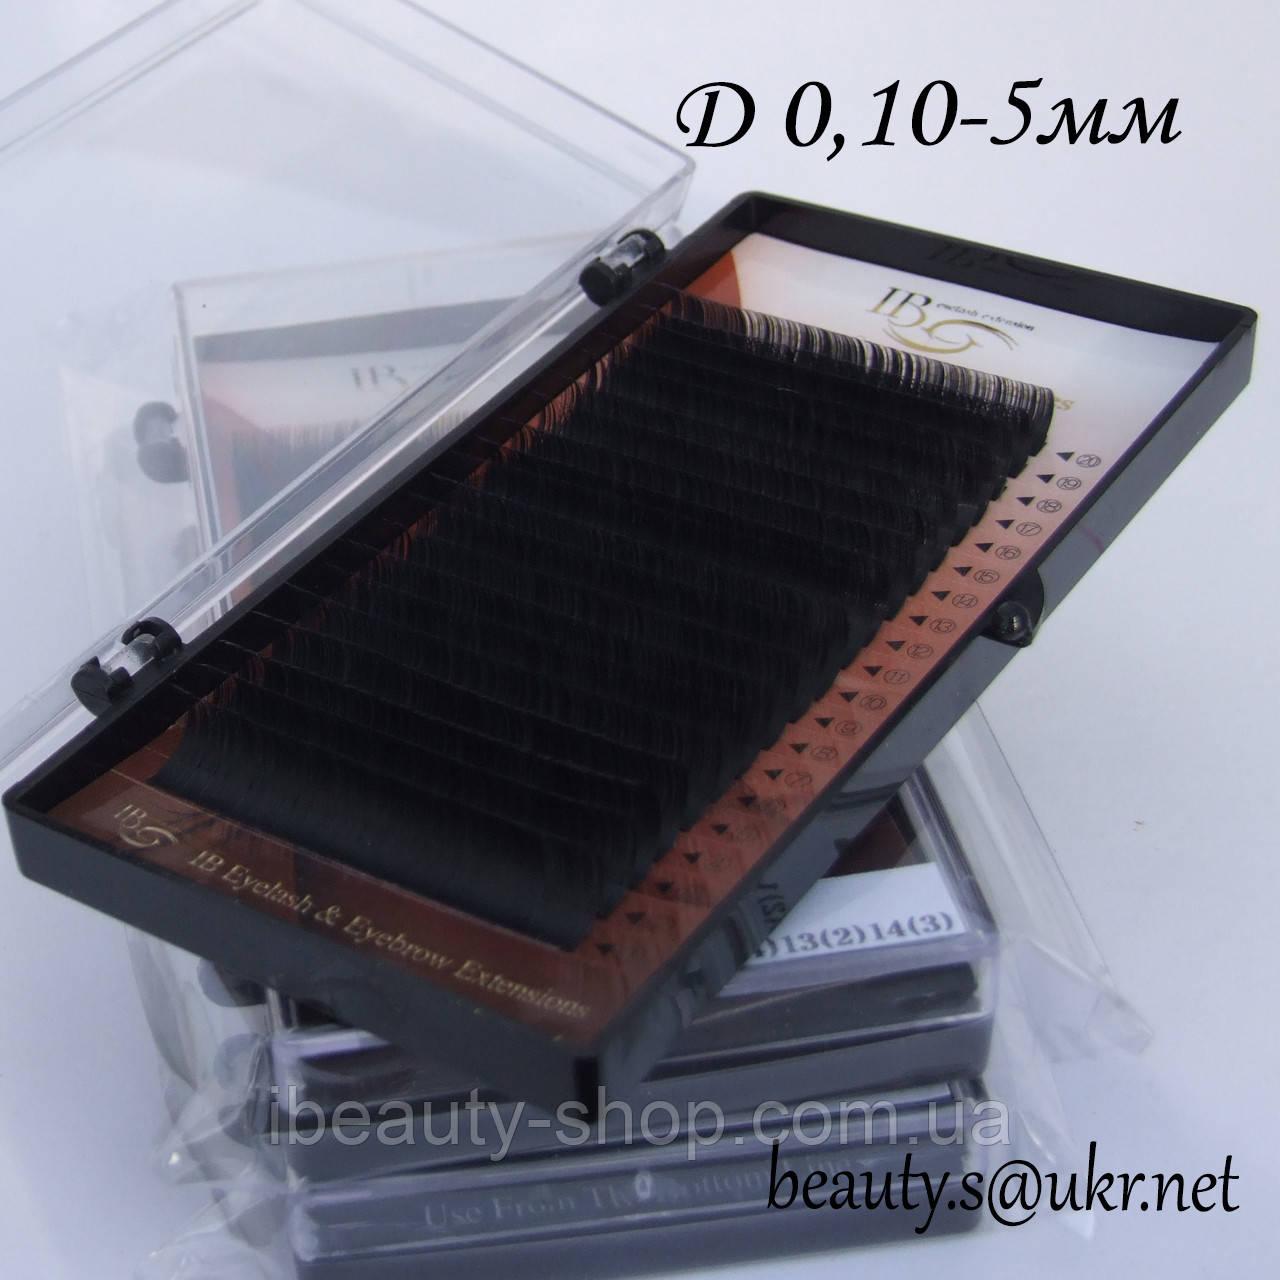 Ресницы  I-Beauty на ленте D-0,10 5мм